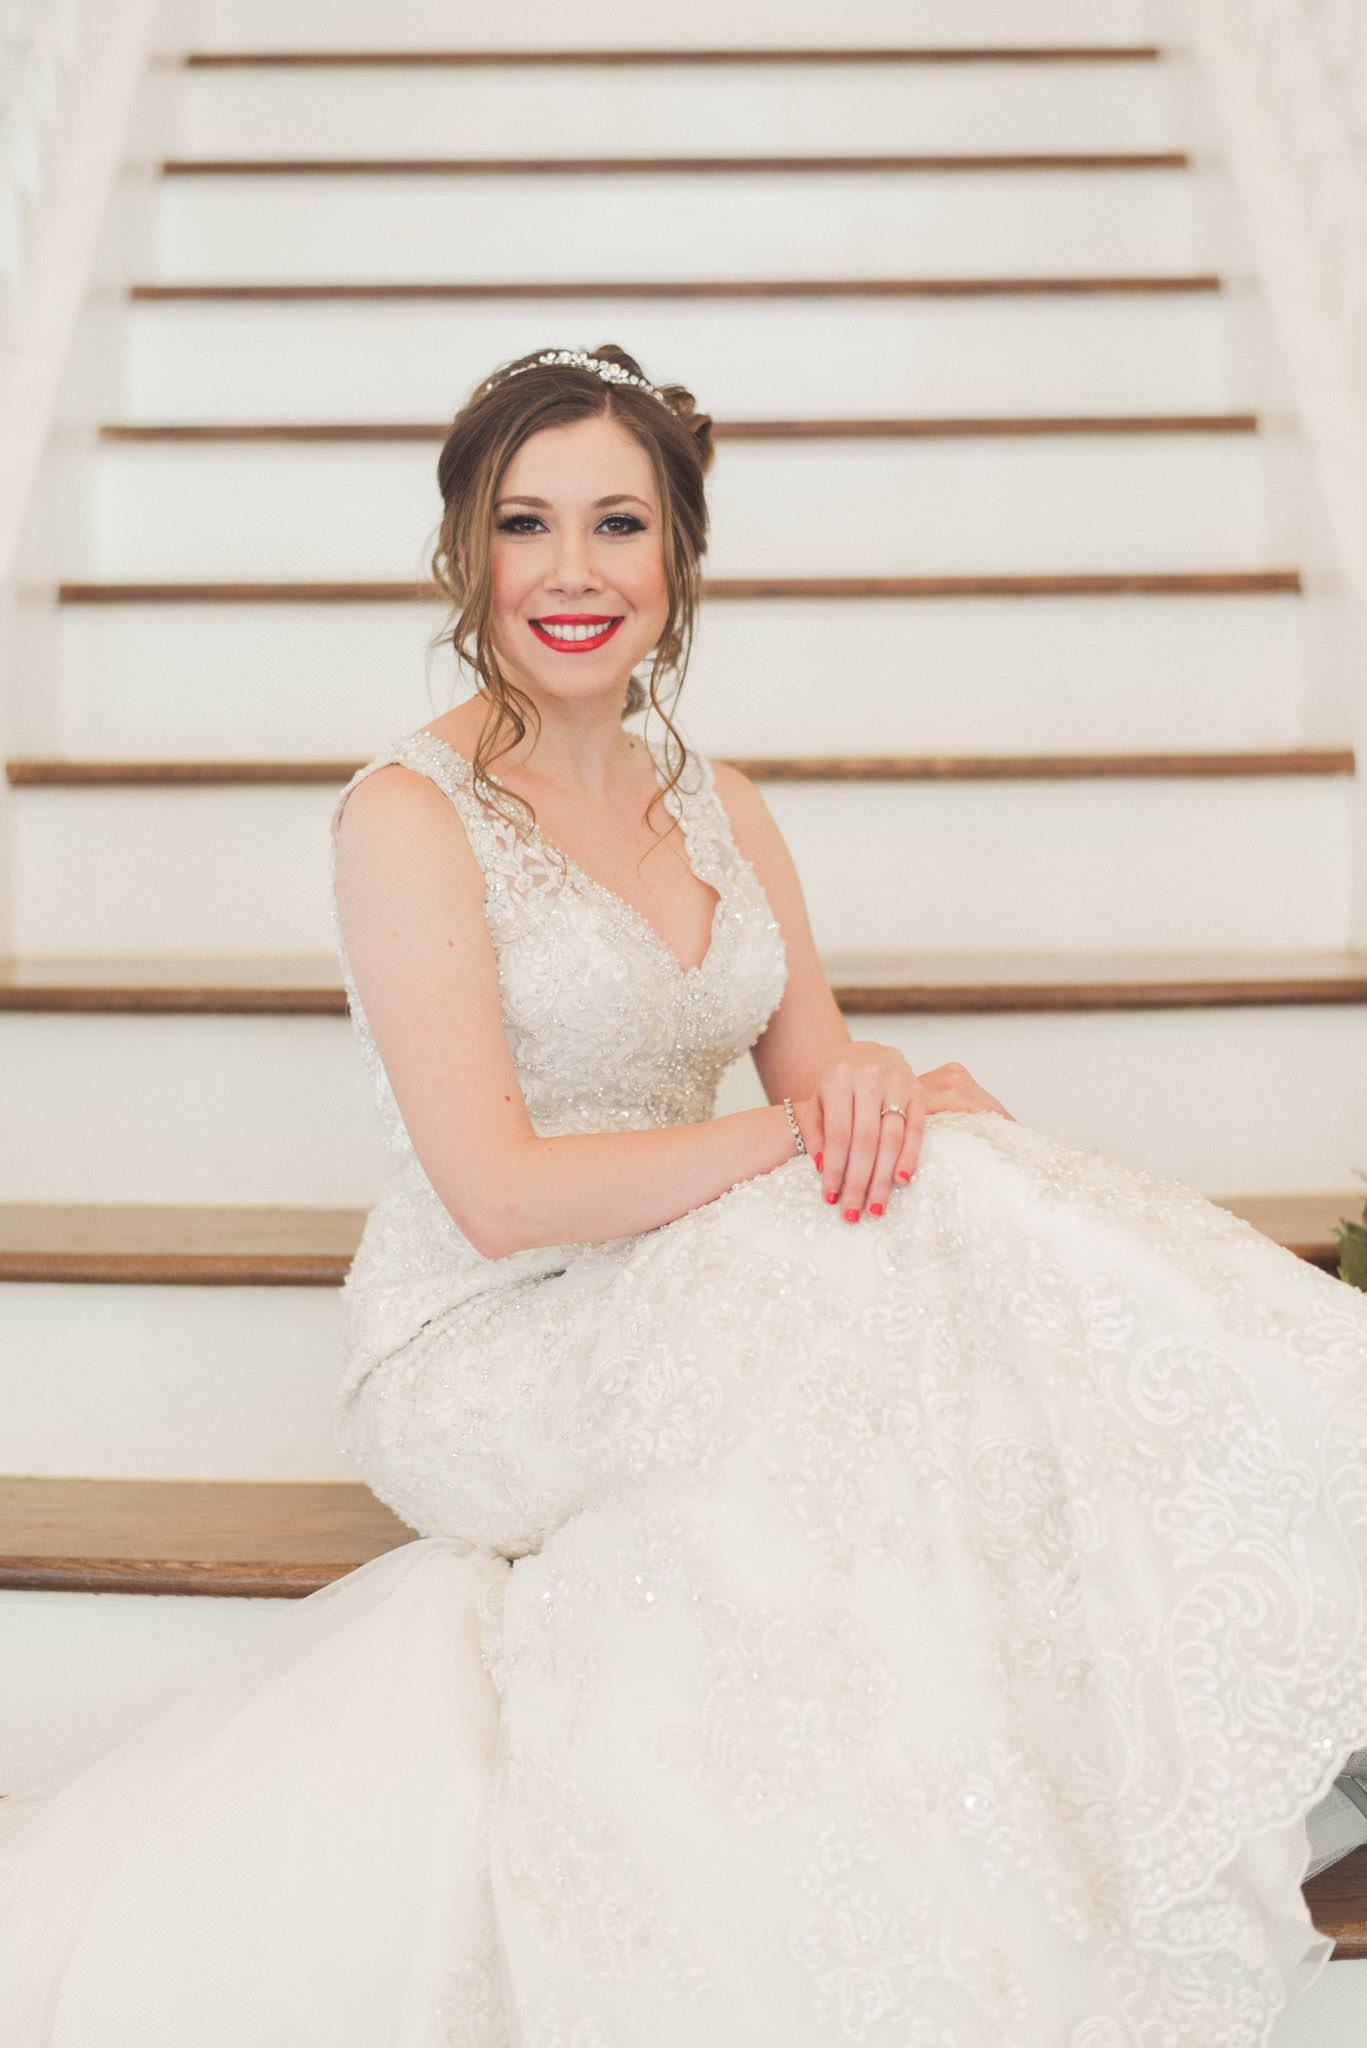 Adrianna-Garcia-Bridal-sm-3.jpg